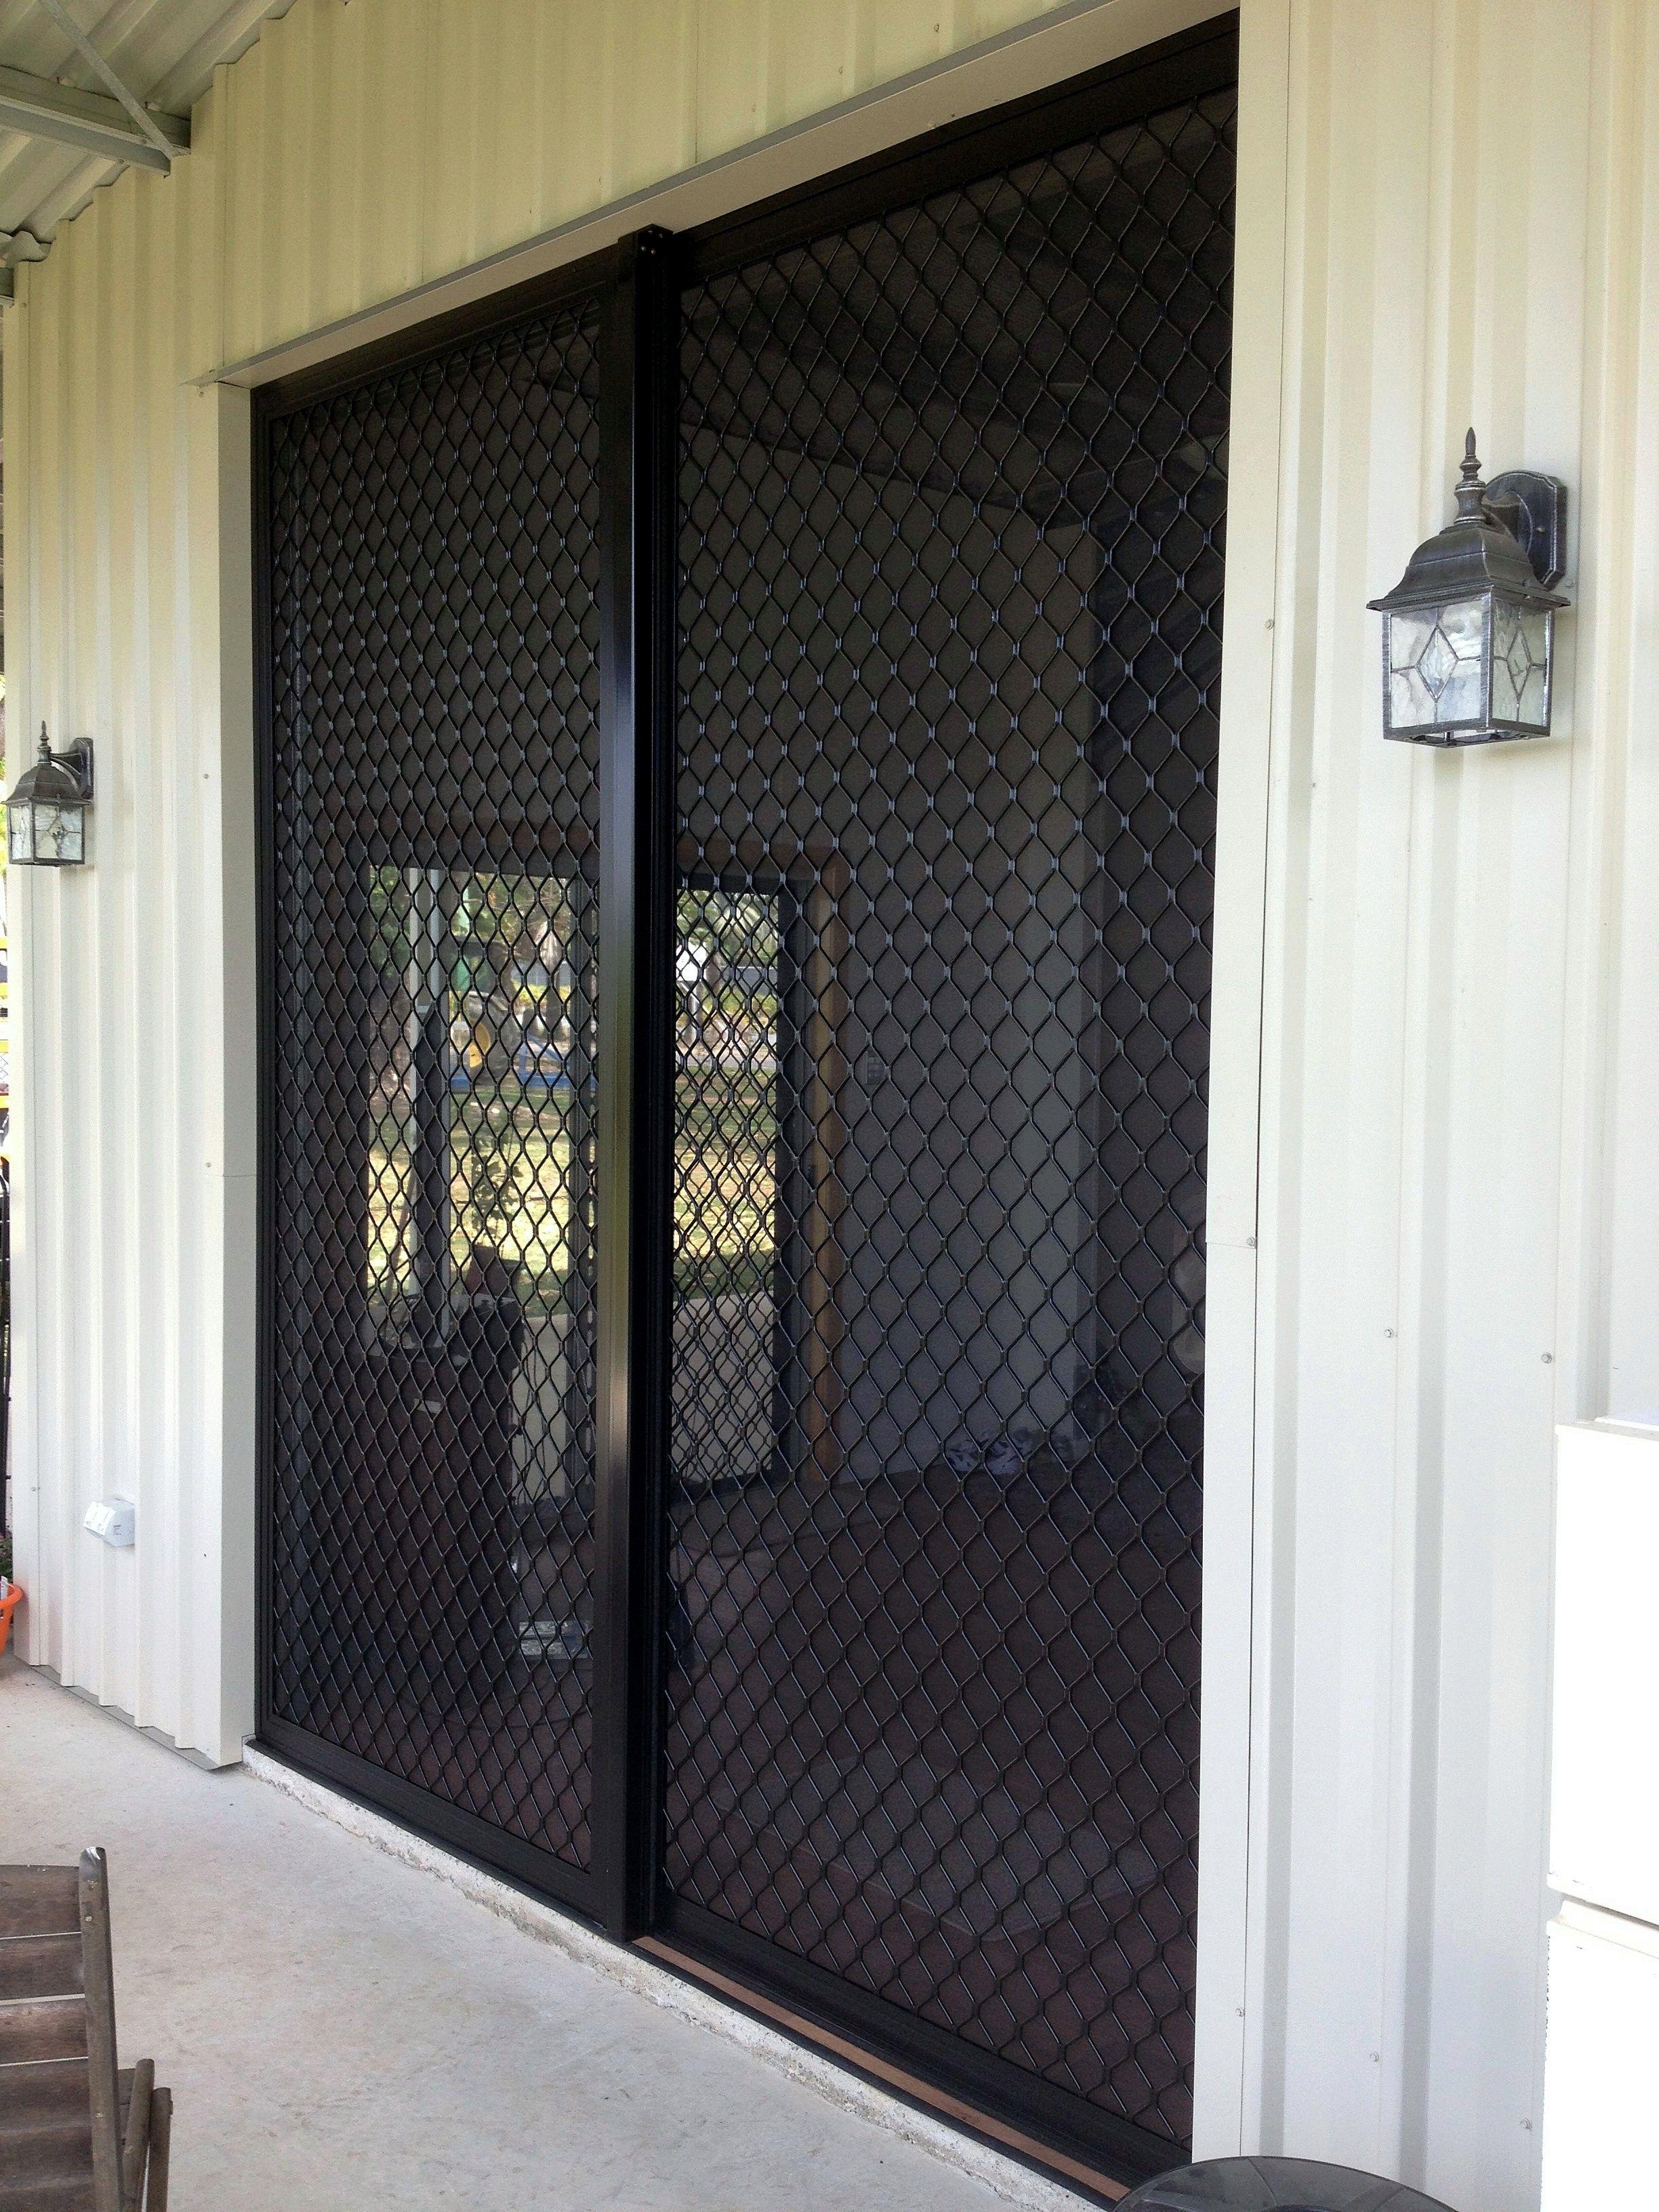 News Macbook Pro 2016 Security Screen Door Home Security